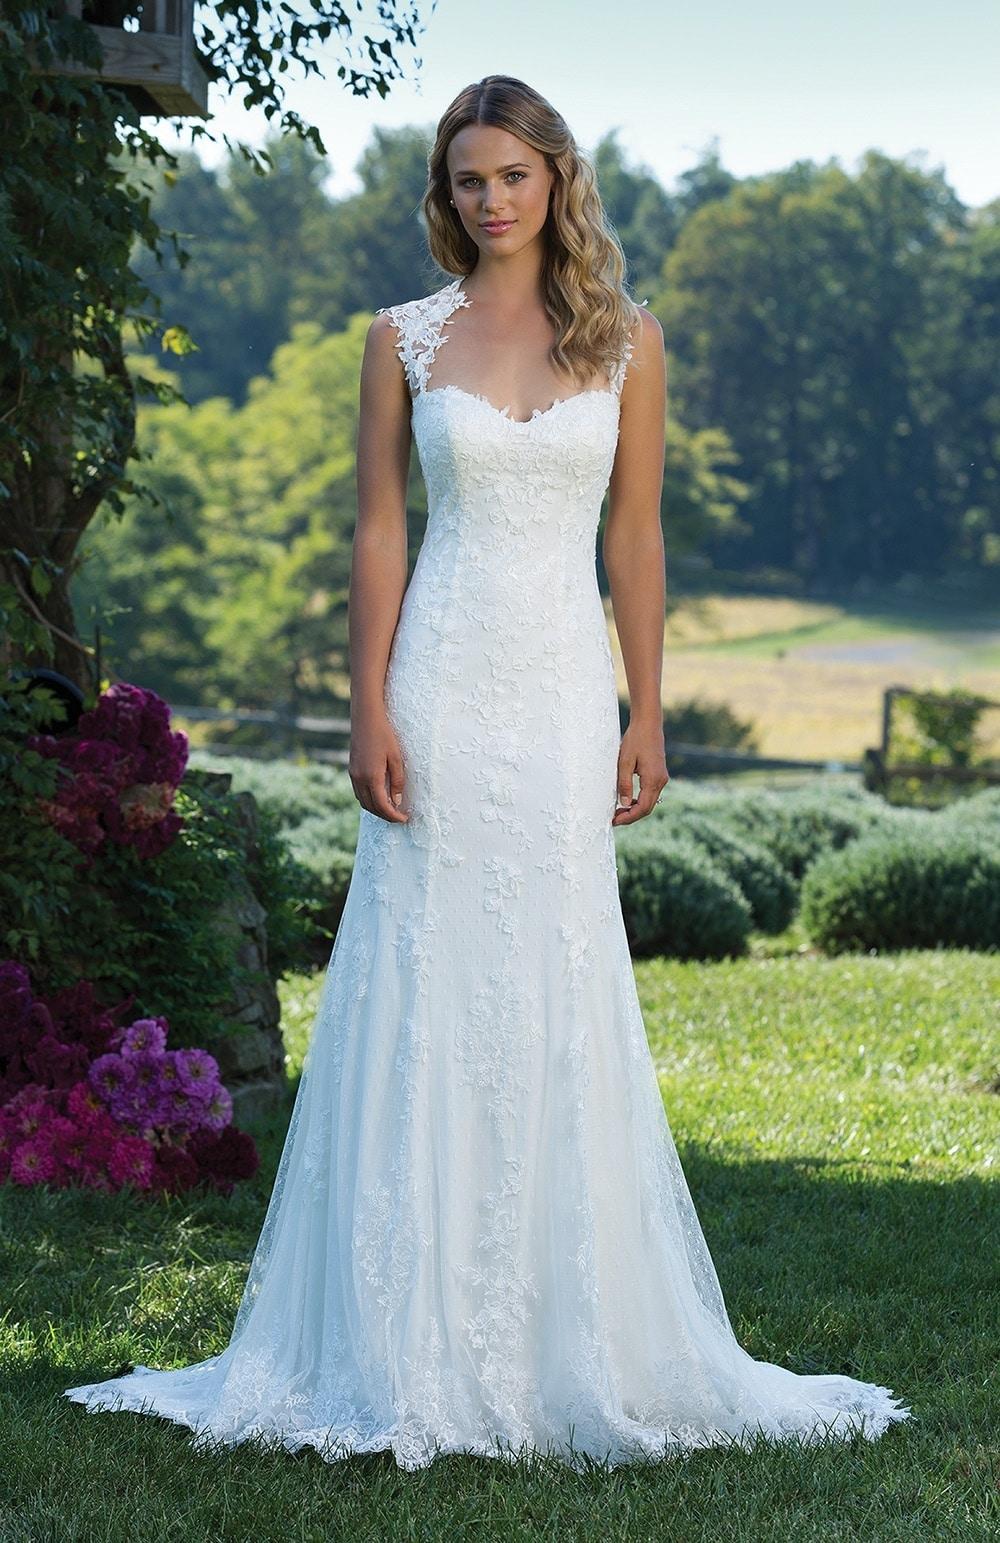 Robe de mariée Modèle Michelle – 3885